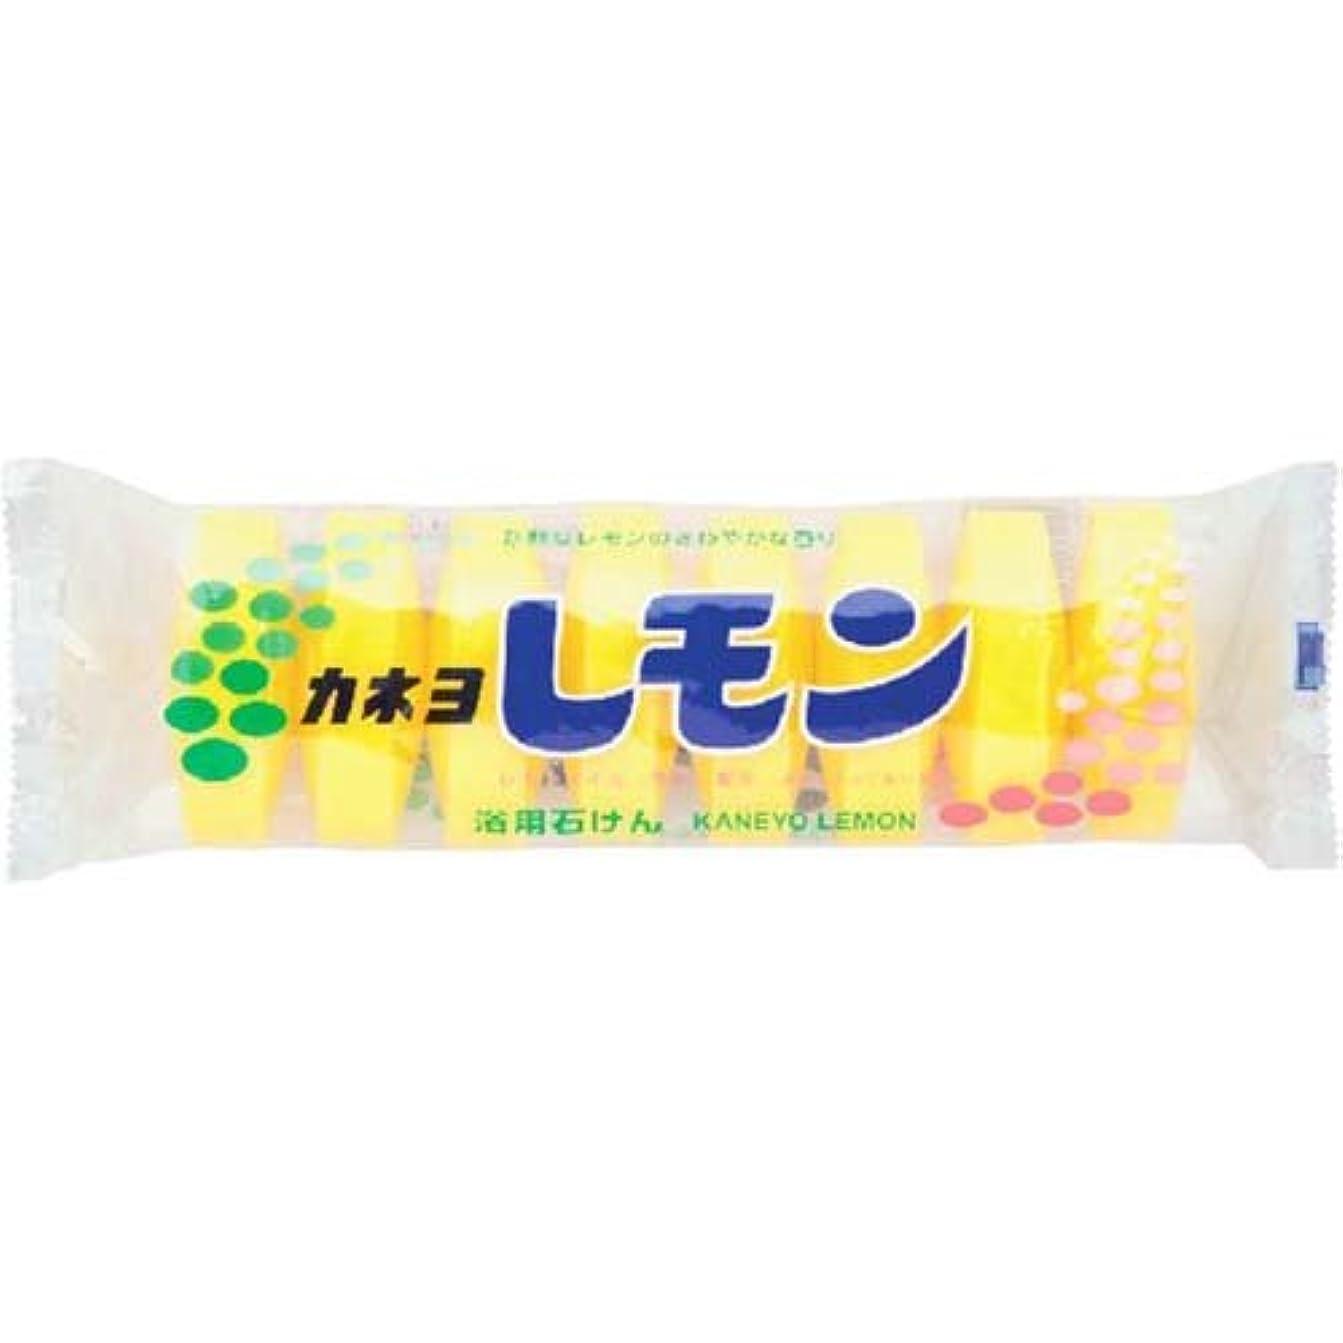 値下げ合法スーダンカネヨ レモン石鹸 8個